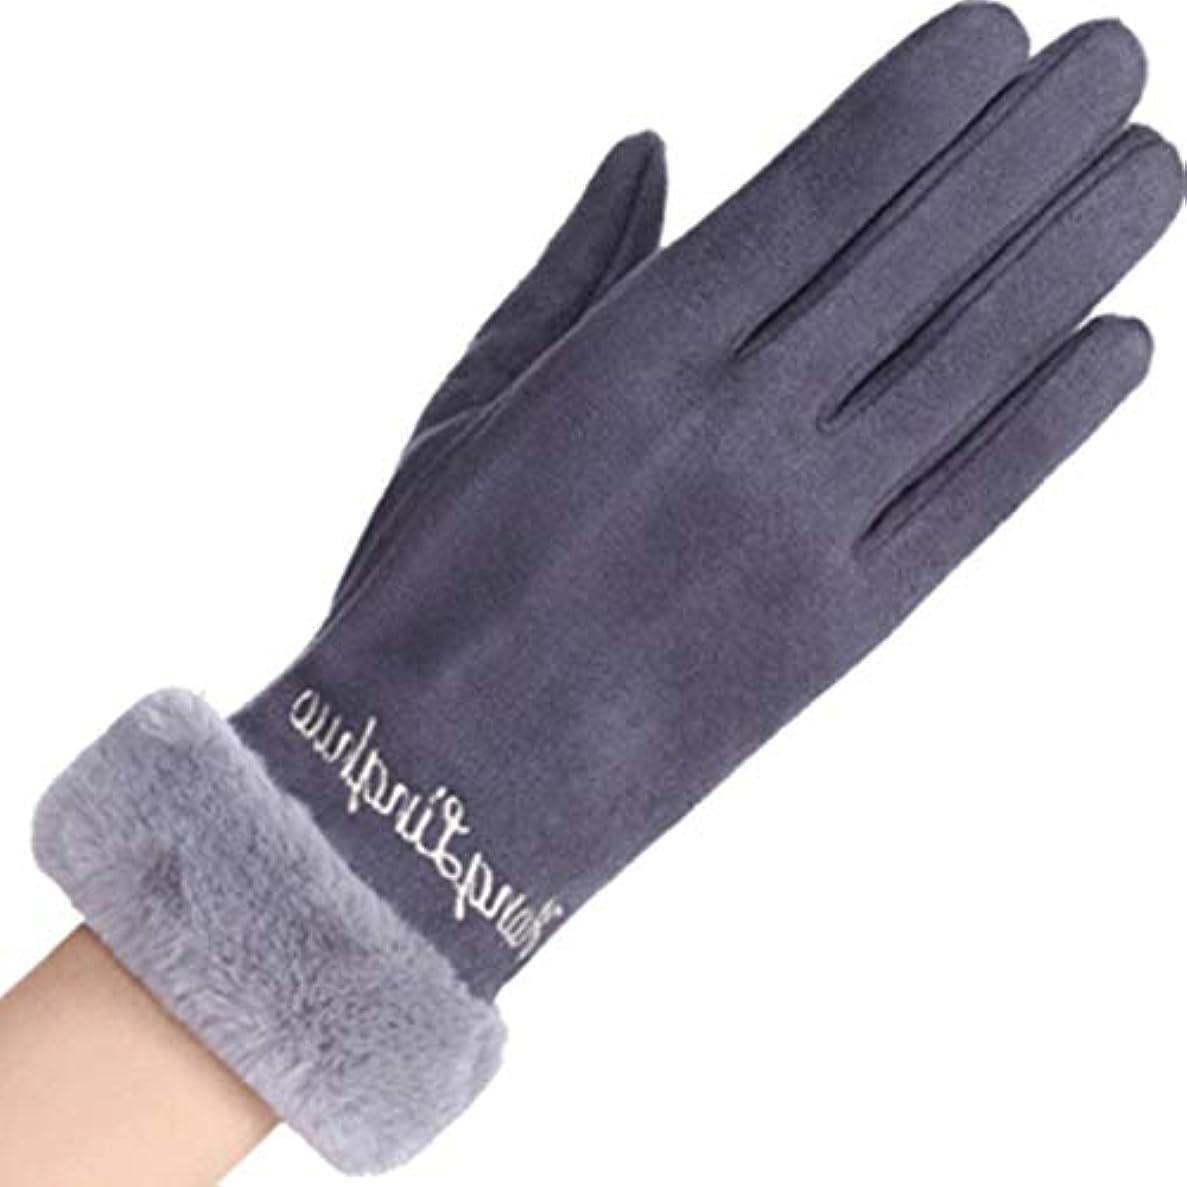 ミュウミュウうなずく団結する手袋の女性の暖かいタッチスクリーンの携帯電話春と秋の冬の防風レターレディースウール手袋黒灰色の粉 (色 : Gray)